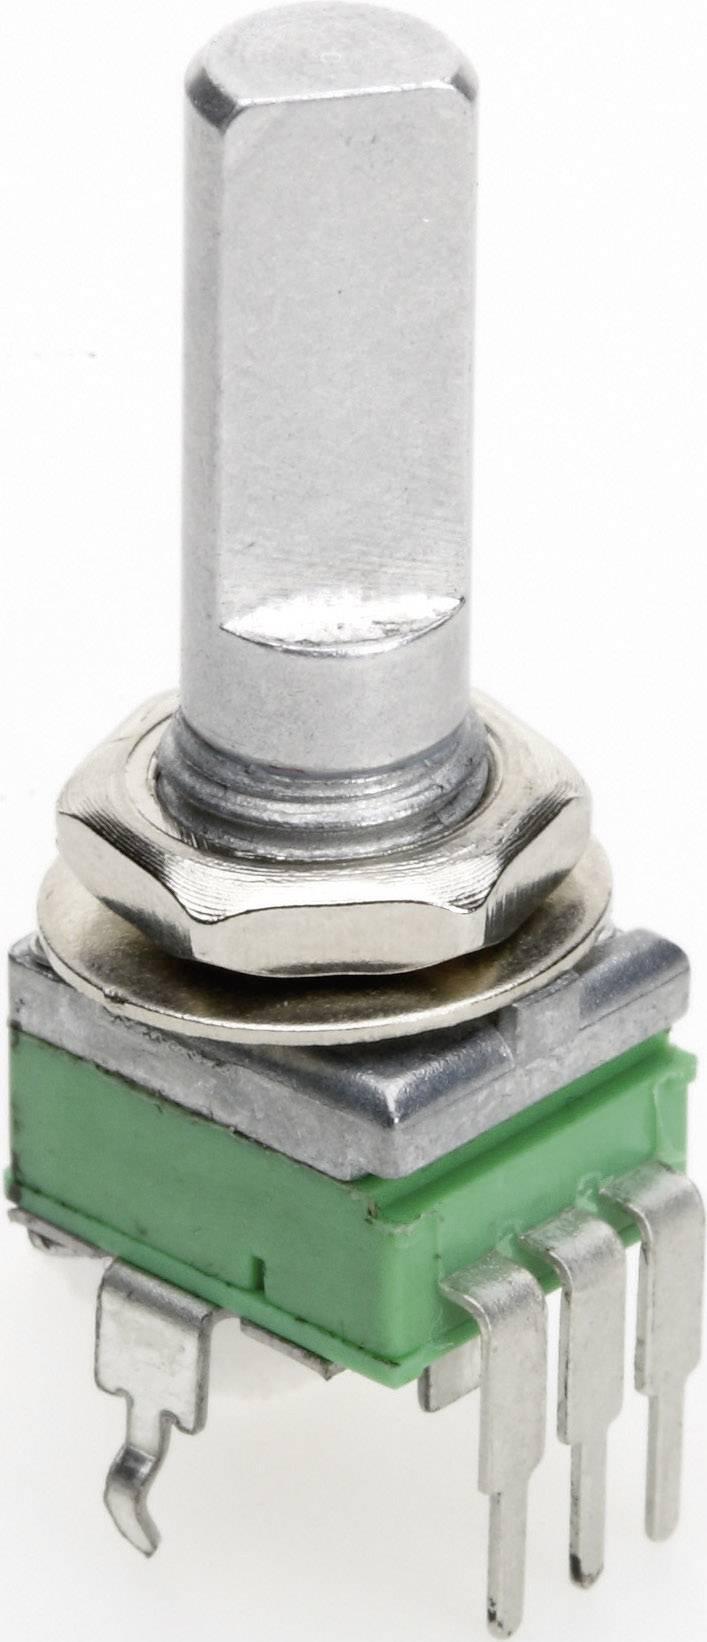 Vodivý plastový potenciometer mono TT Electronics AB P0915N-FC20 B-100 KR 4113105315, 100 kOhm, 1 ks